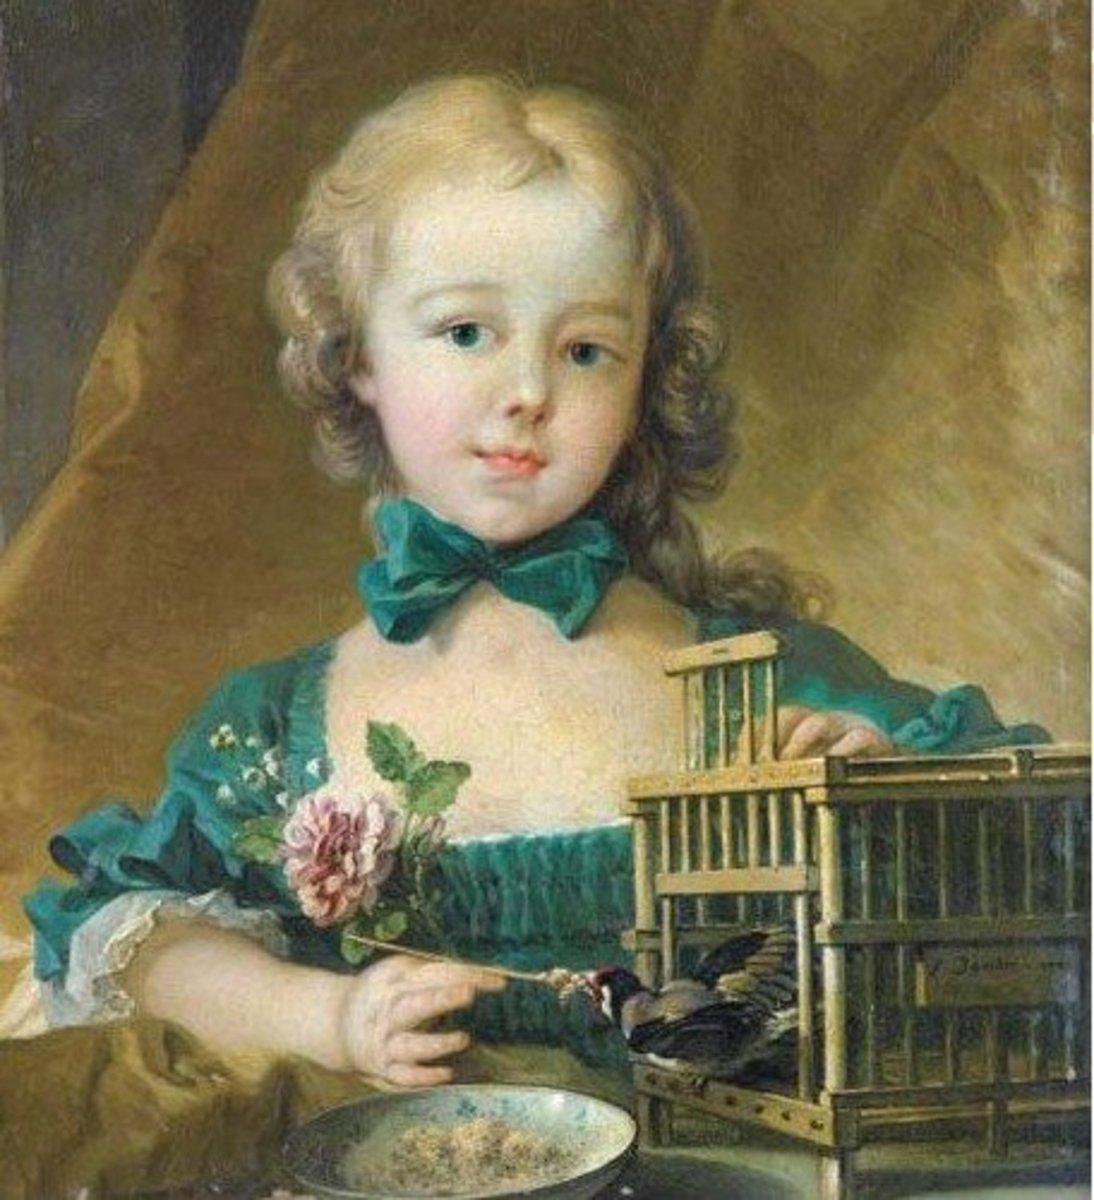 Child Marie Antoinette